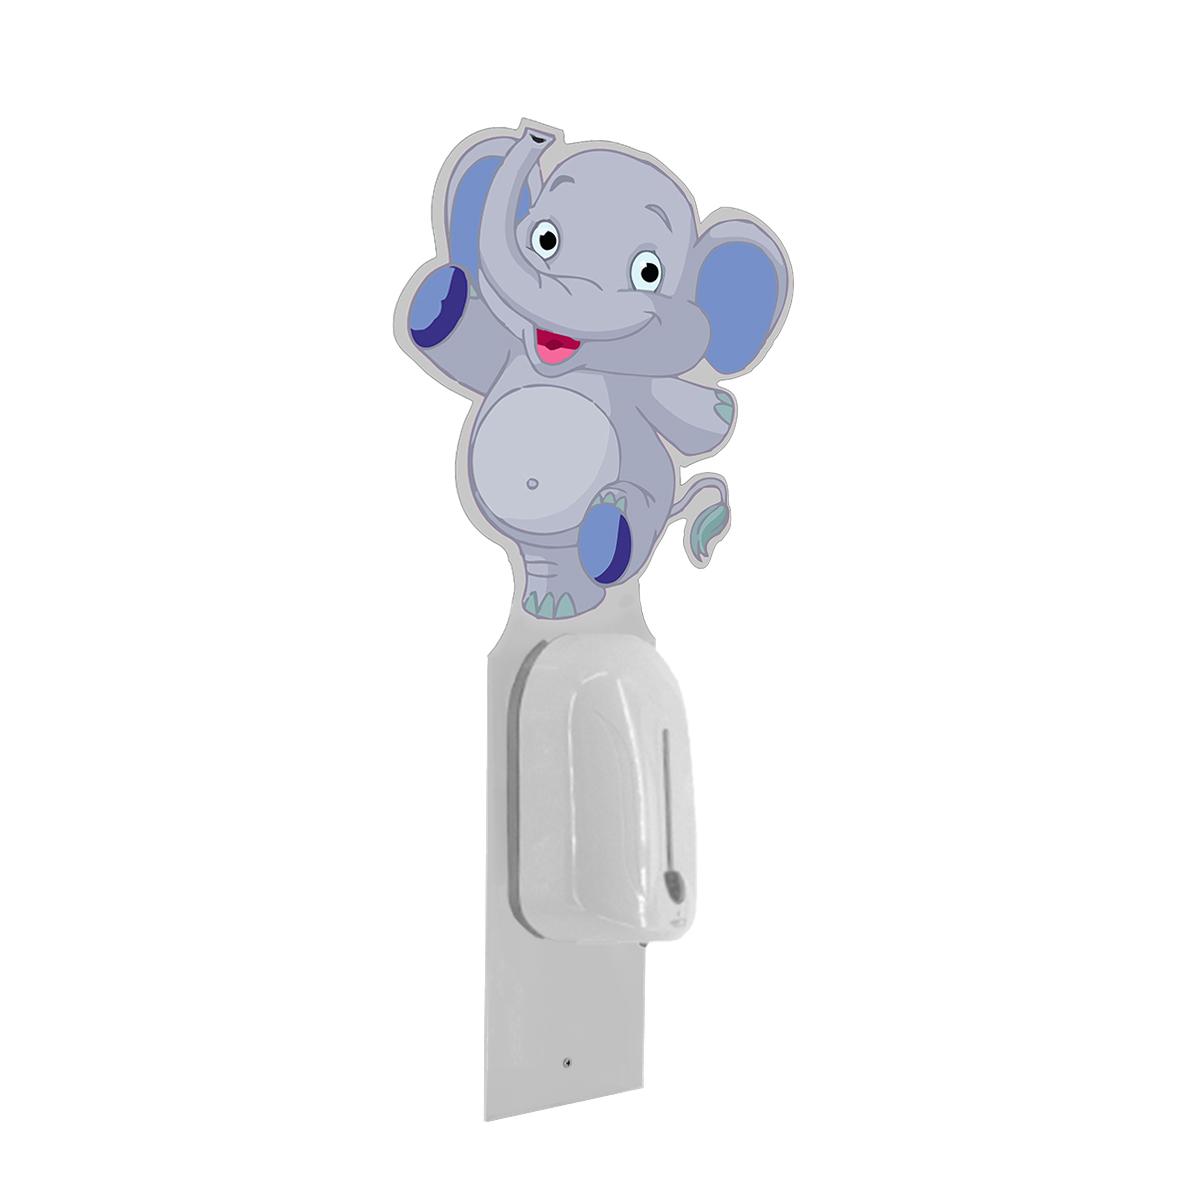 Suport de perete pentru copii cu dozator automat și header personalizat, JJ DISPLAYS